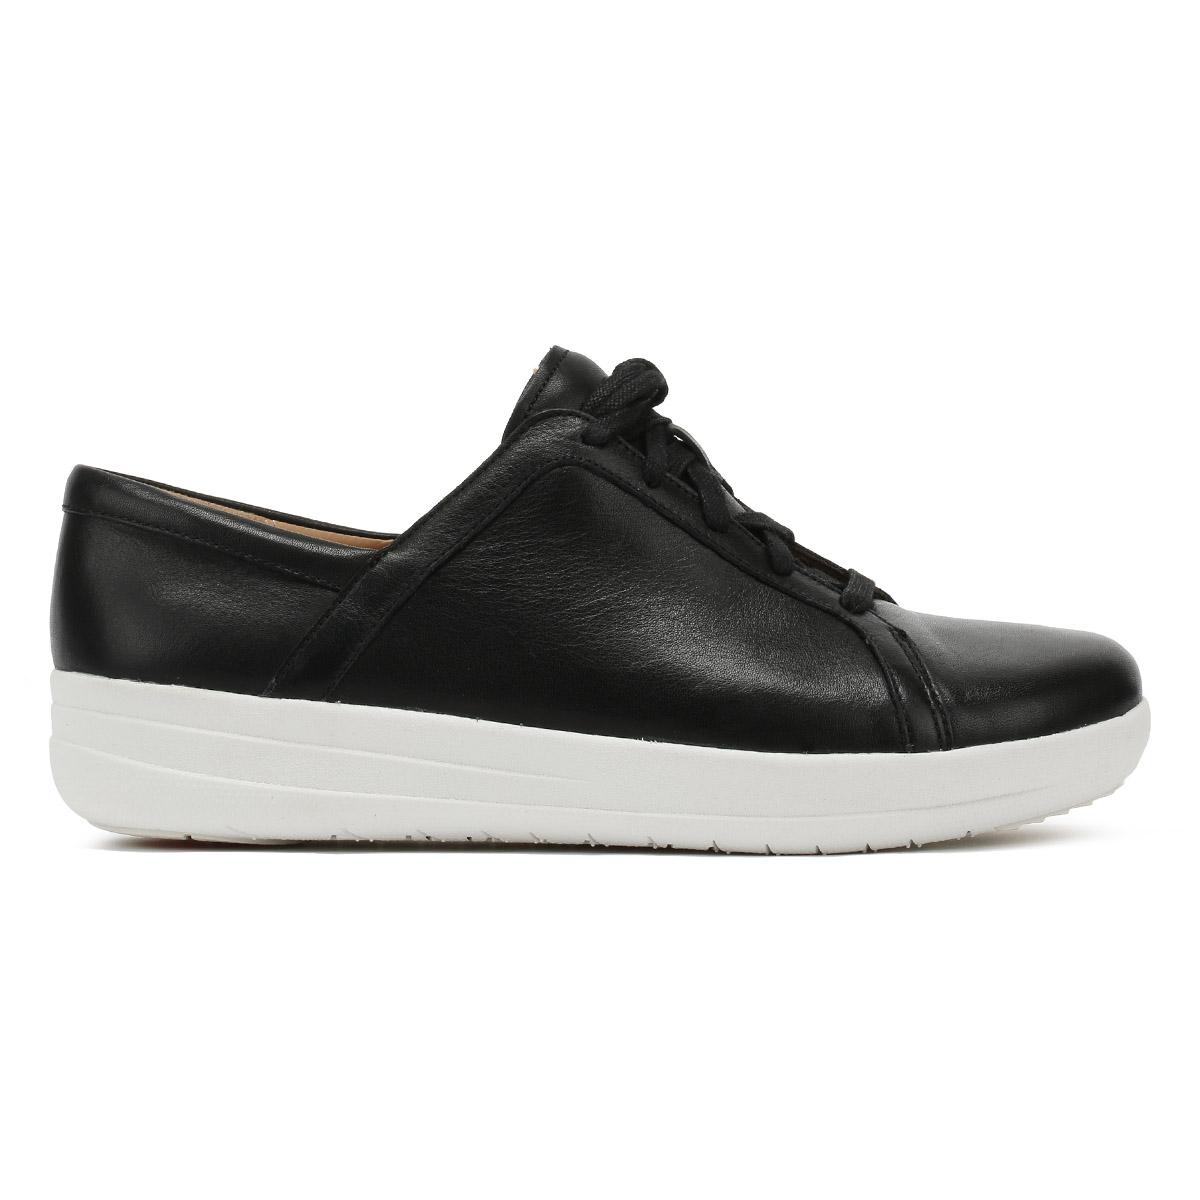 FitFlop Zapatillas para mujer Negro F-Zapatos F-Zapatos Negro deportivos informales de Damas Deportivo II 7acfae